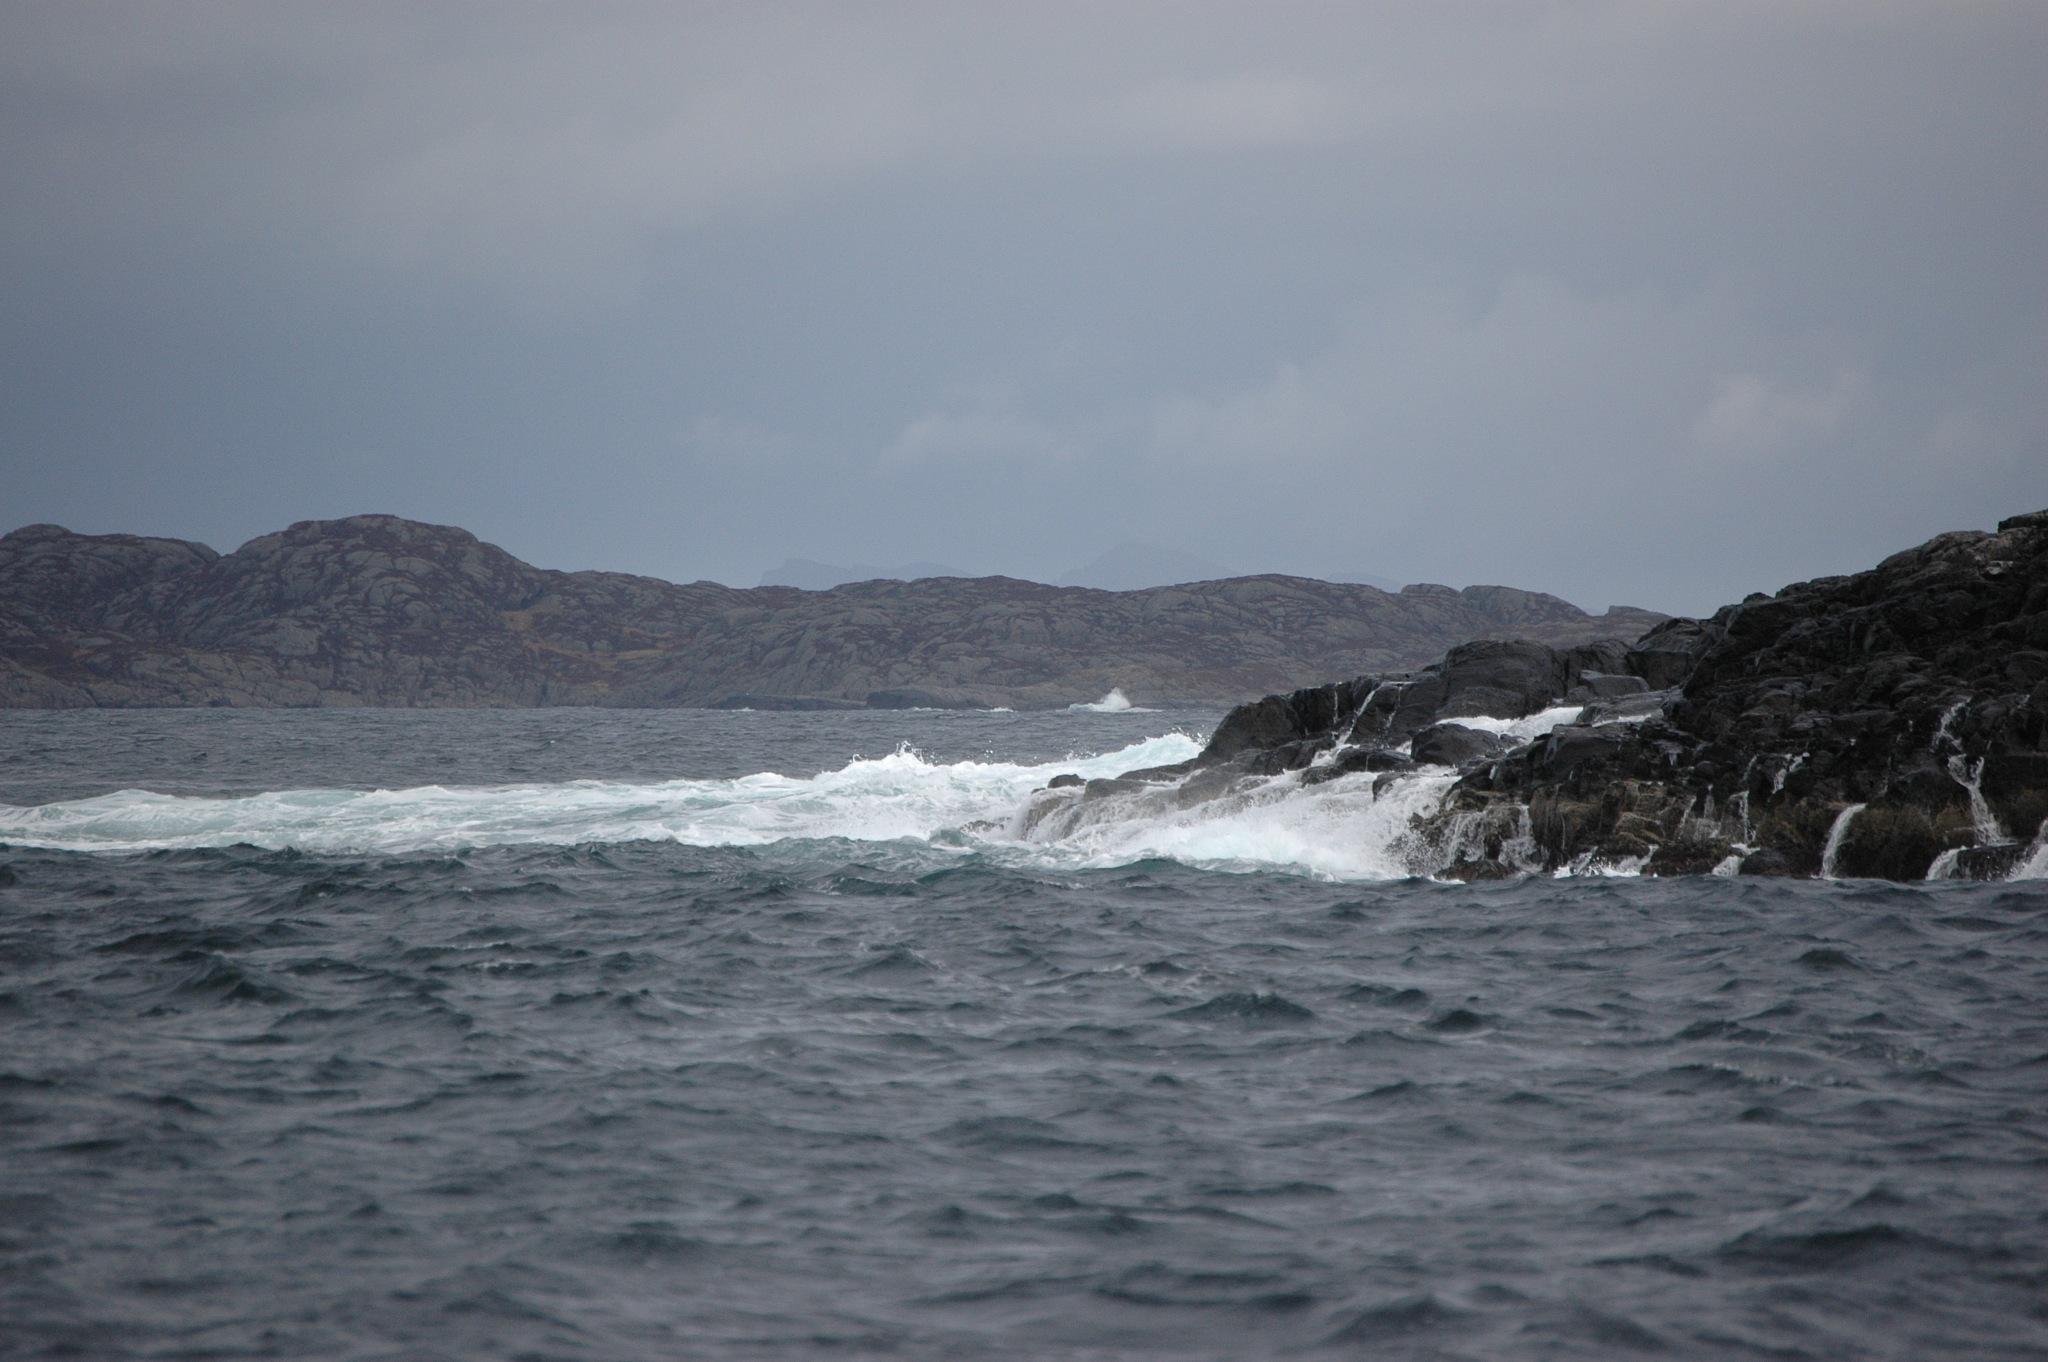 Wild ocean by audhild26